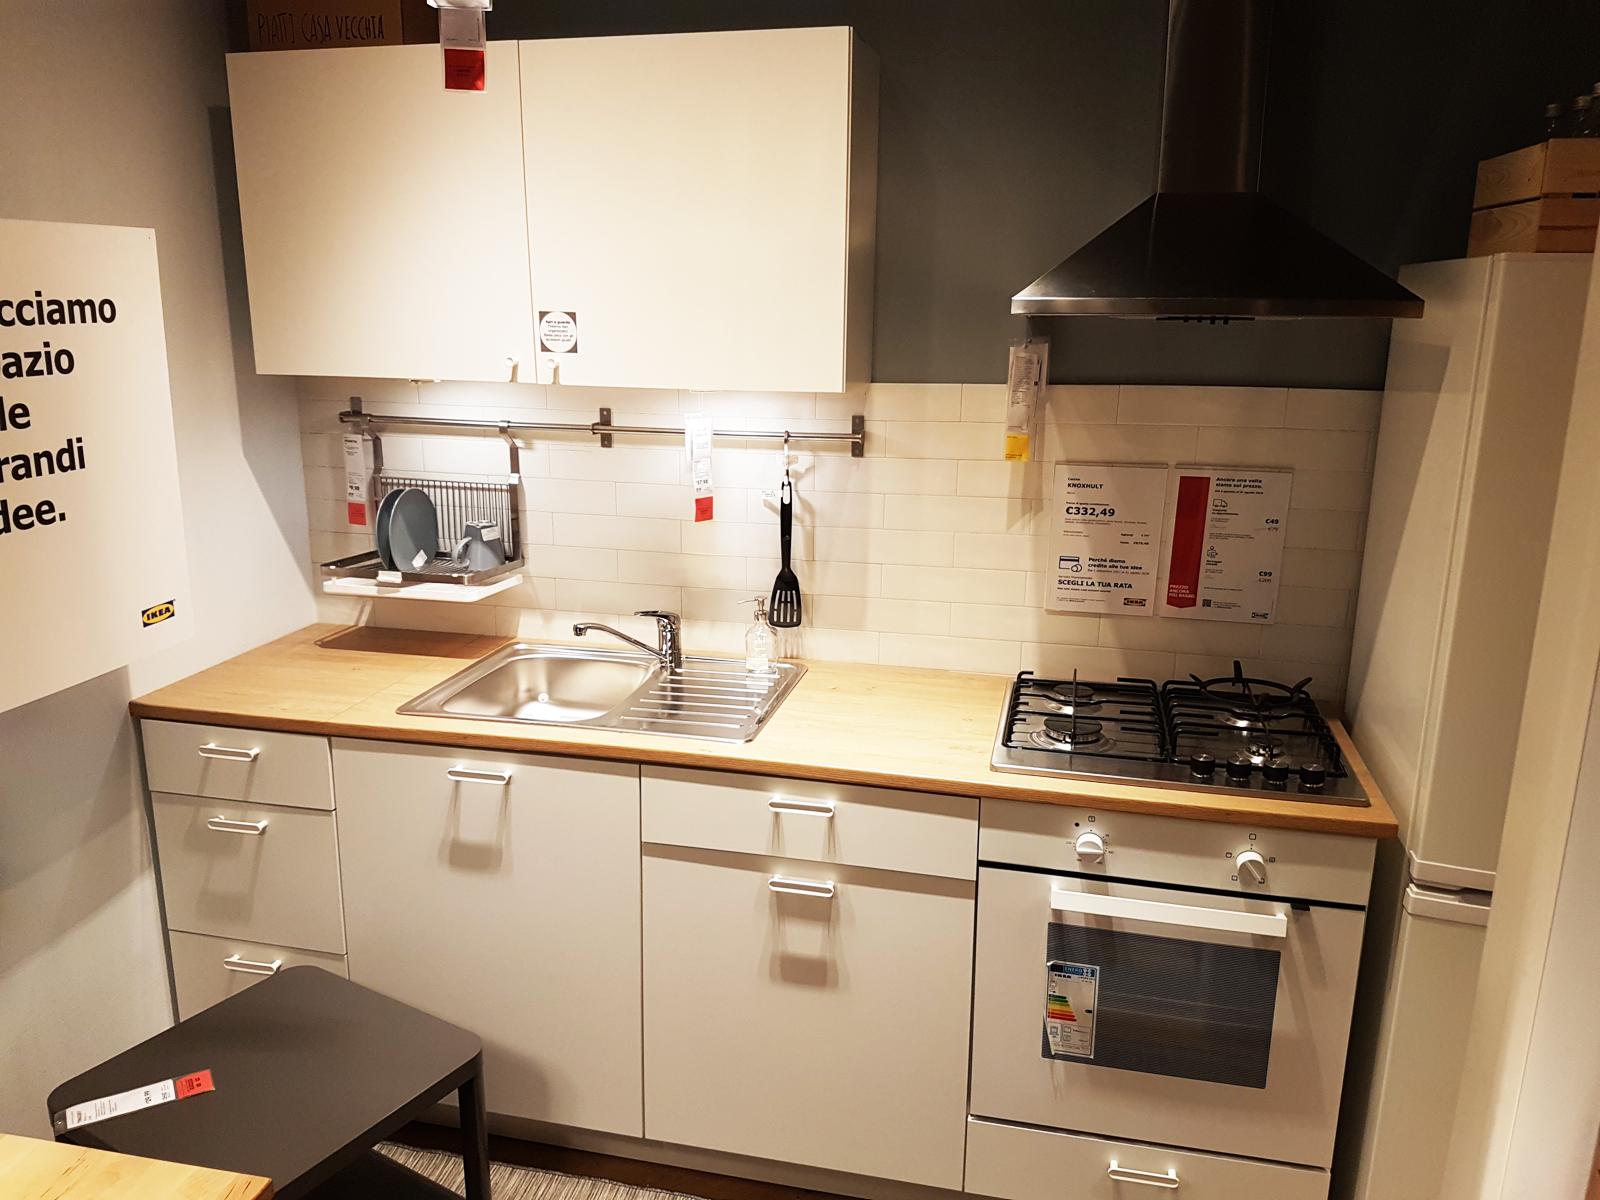 Mobili Cucina Ikea Misure.Cucine Ikea Scopri Il Catalogo